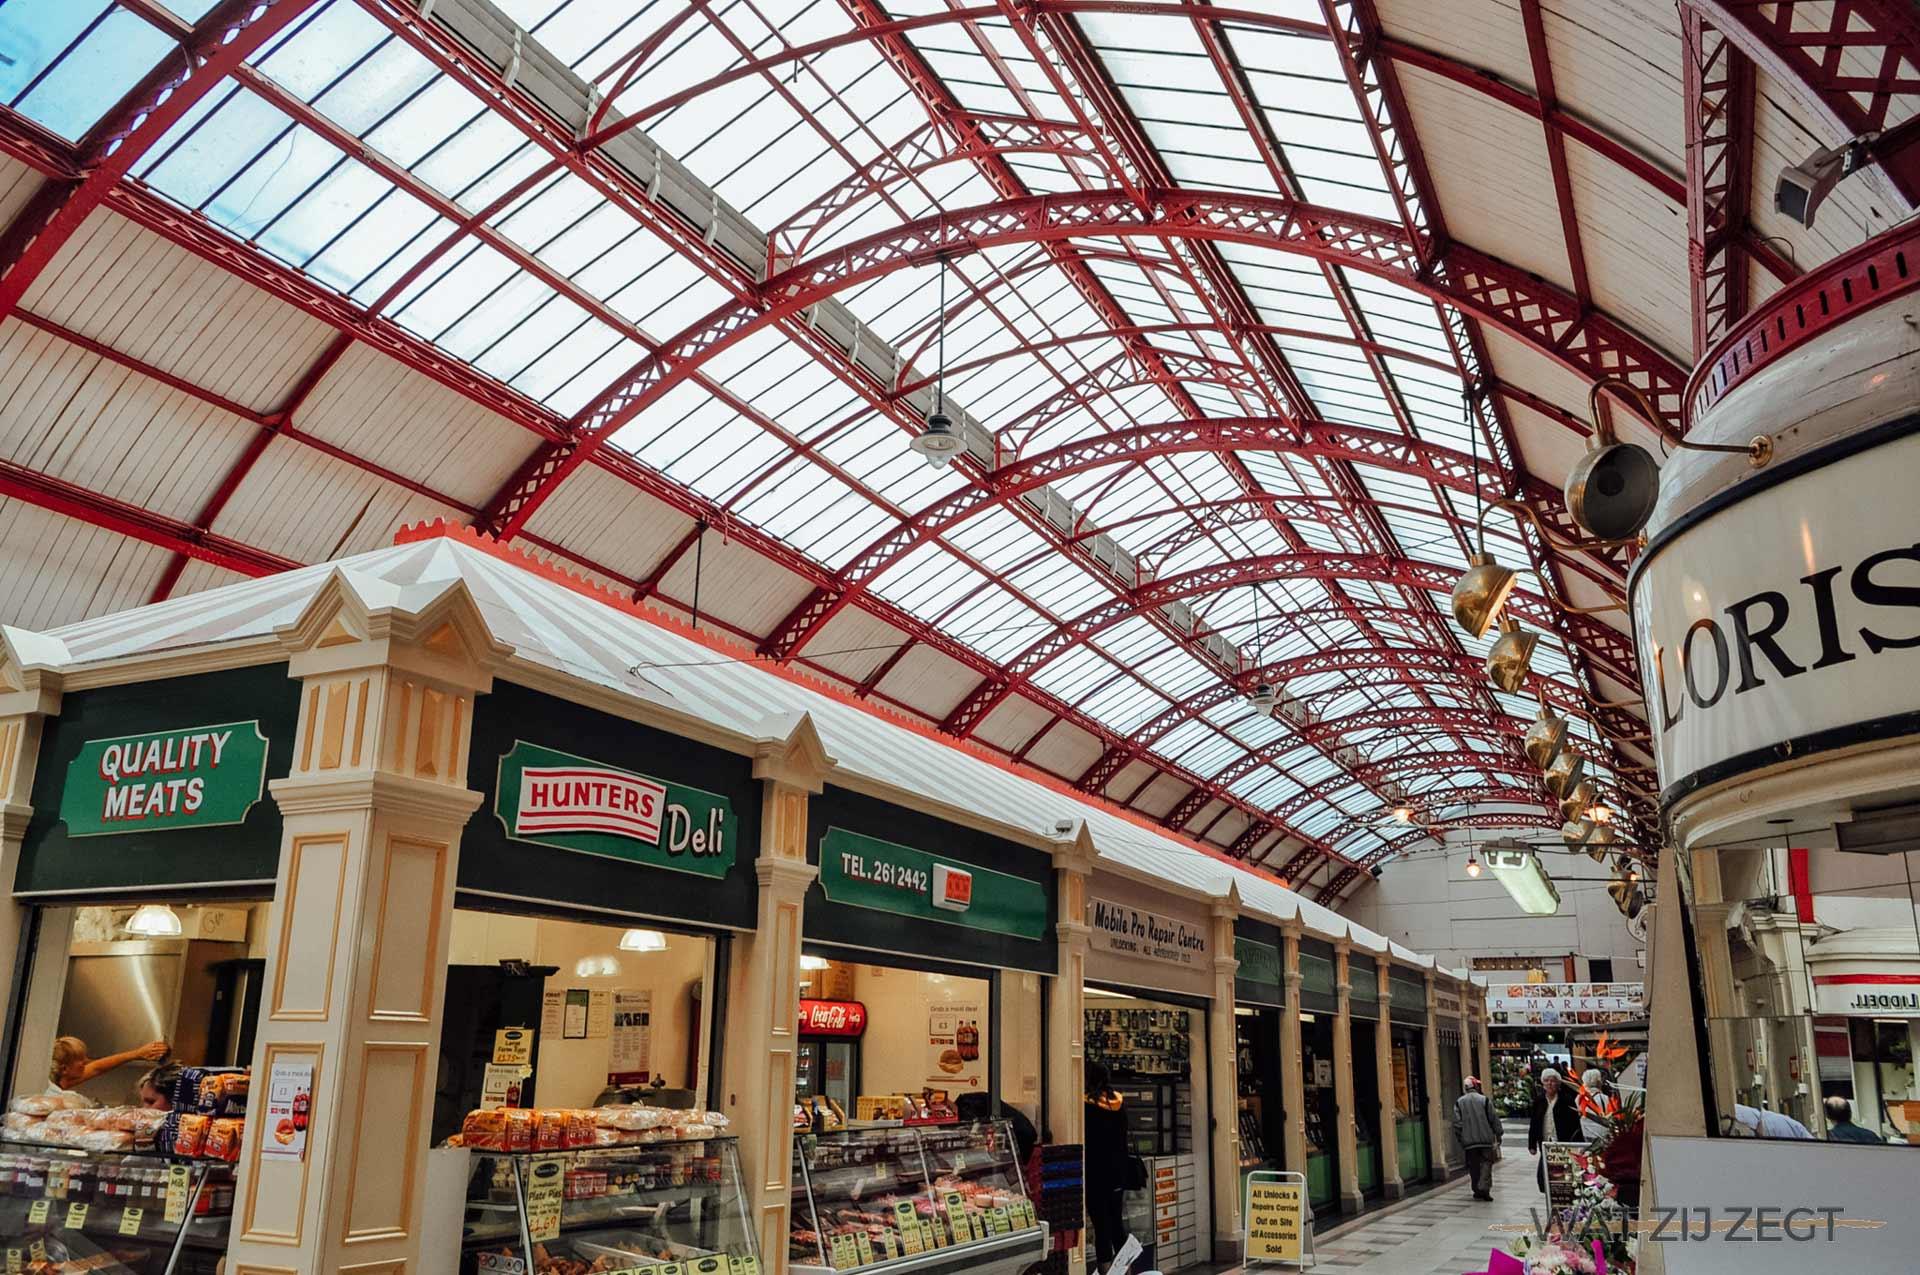 Newcastle Grainger Market